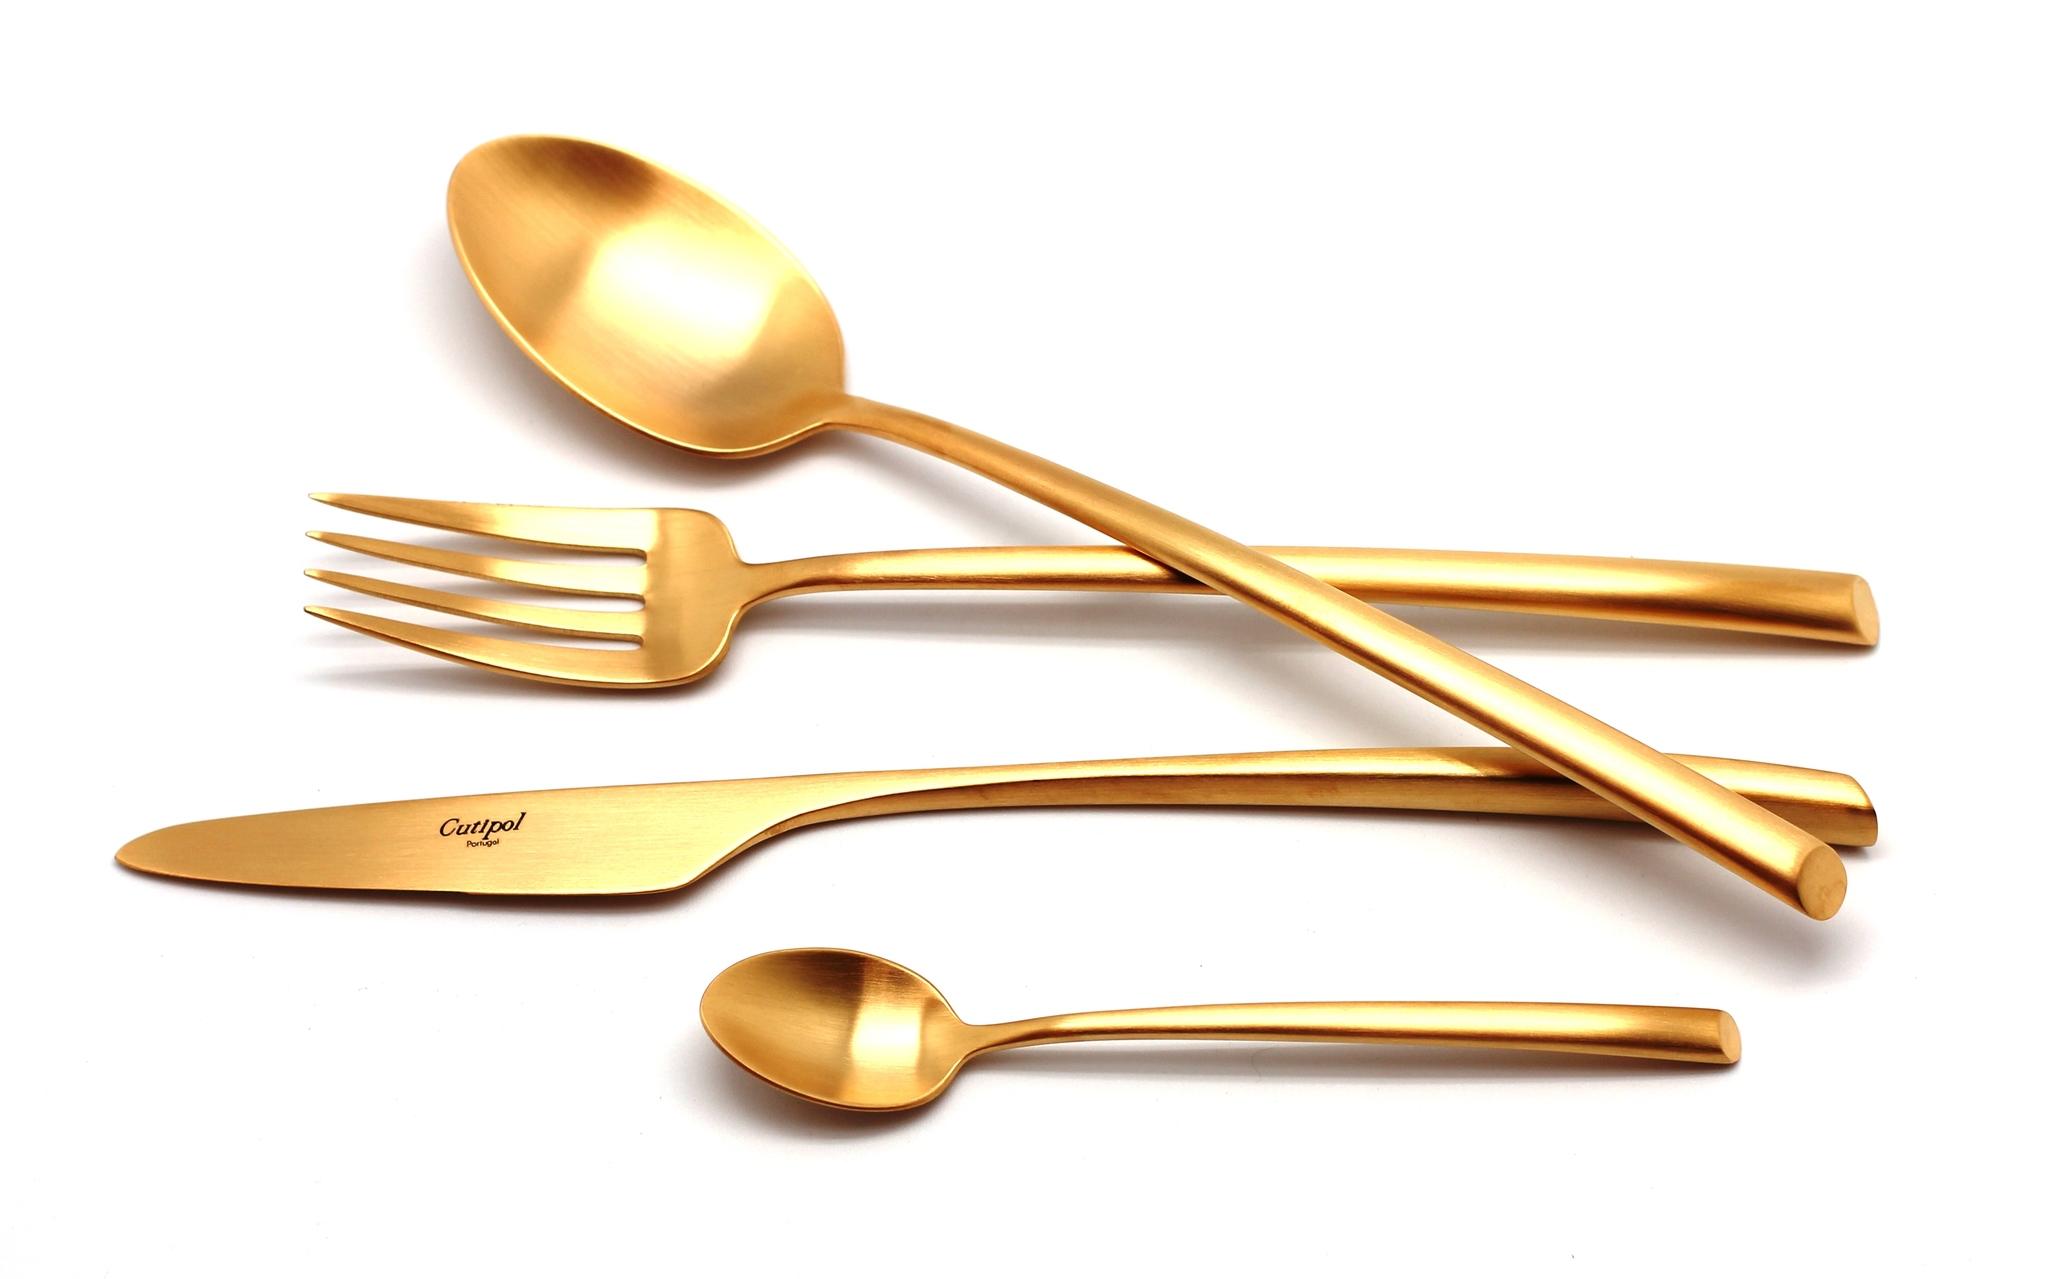 Набор 72 пр MEZZO GOLD, артикул 9302-72, производитель - Cutipol